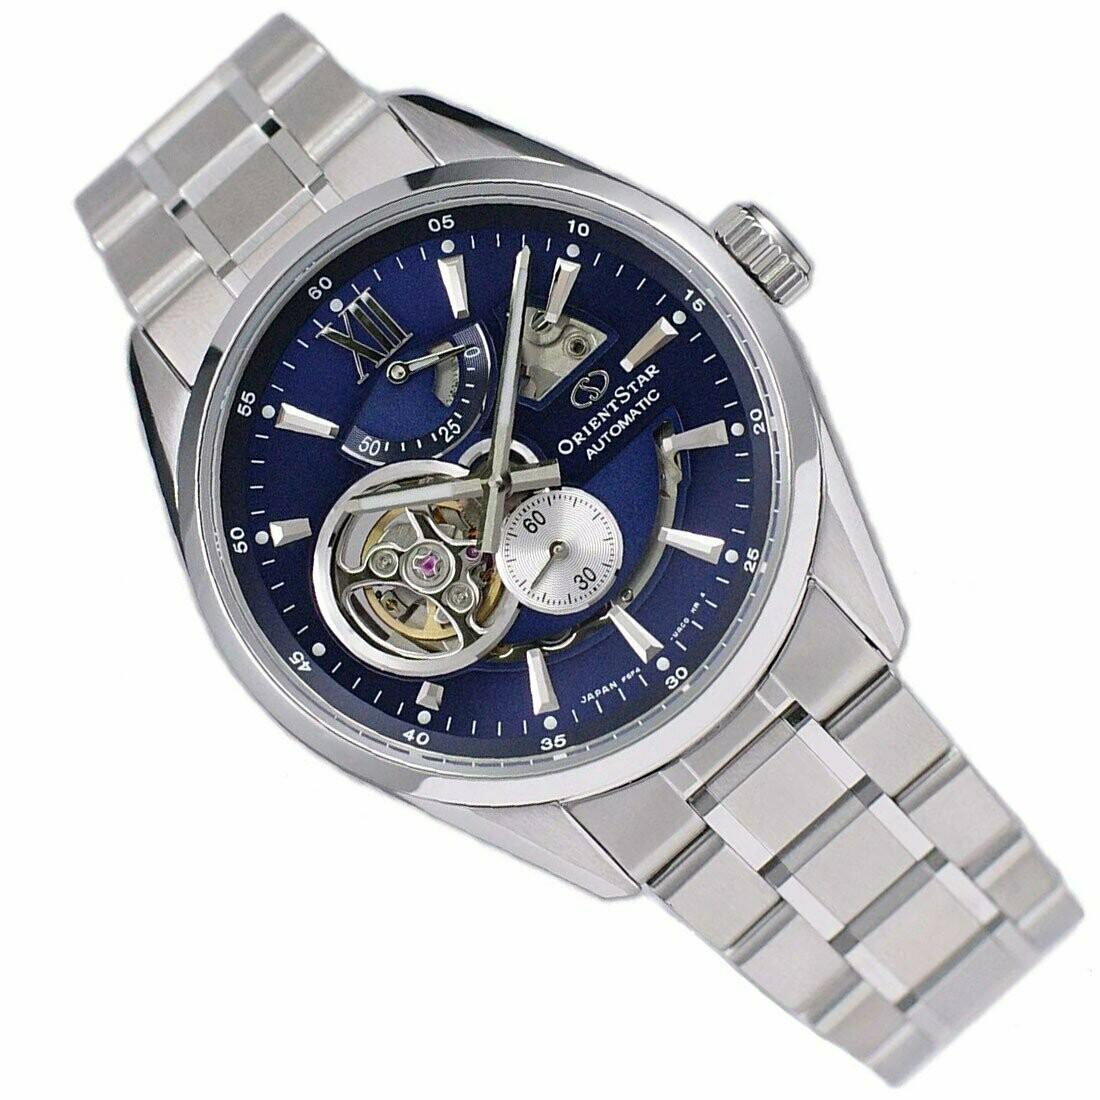 Reloj Automático hombre Orient Star RE-AV0003L Contemporary 50h Power Reserve cristal zafiro anti-reflejo correa acero